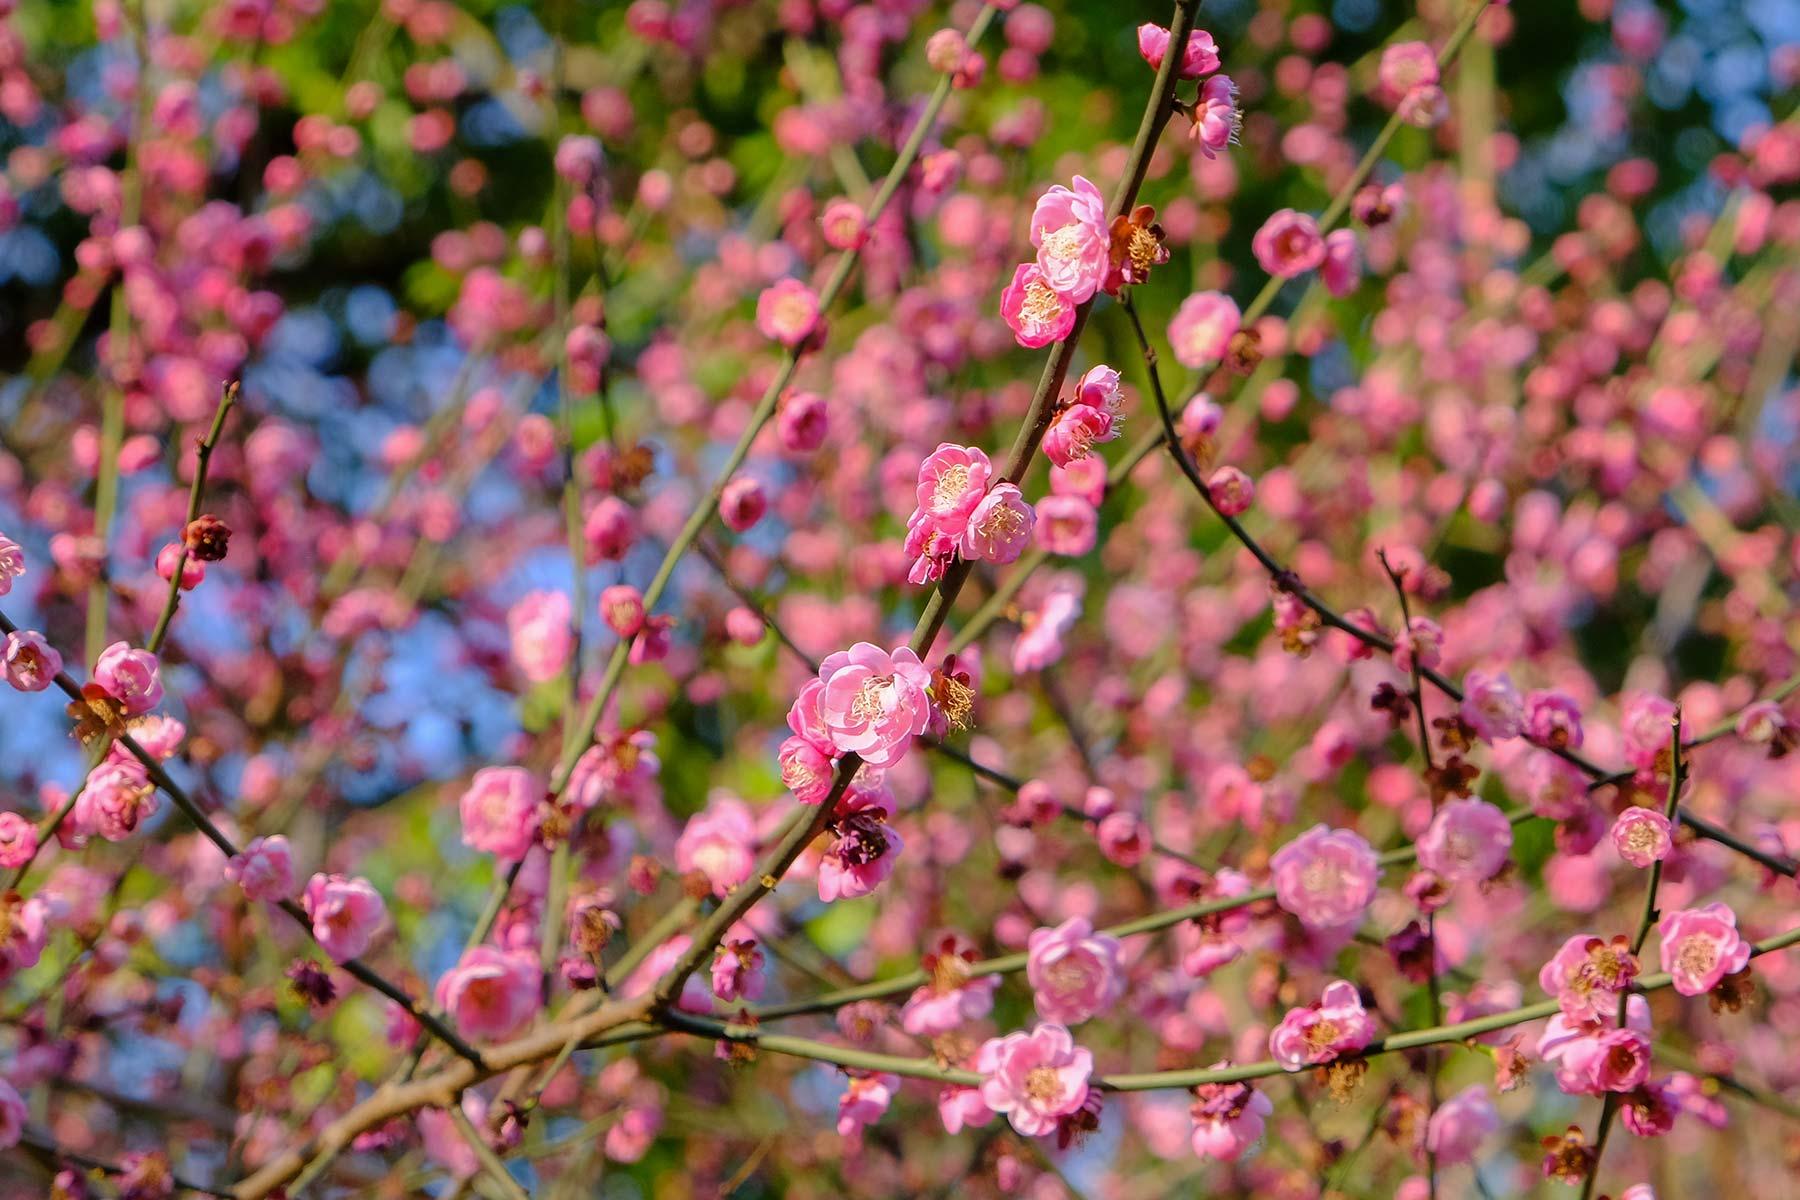 Blüten im Frühling im Zhongshan Park in Ningbo, China